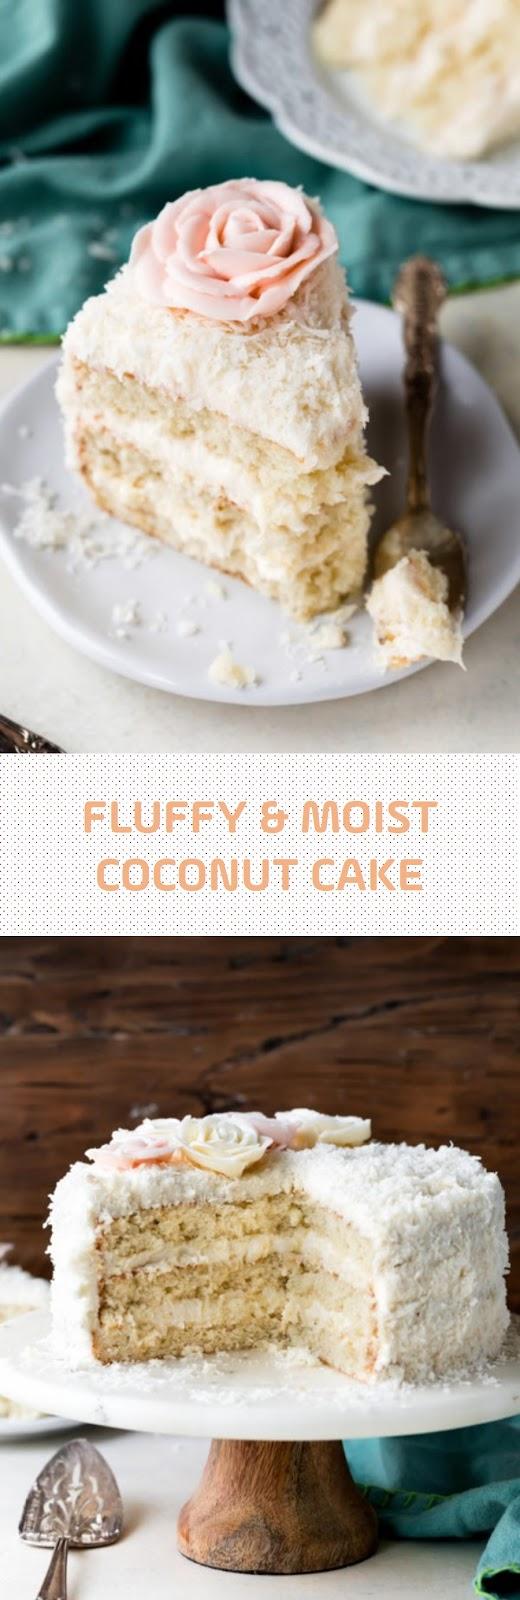 Fluffy & Moist Coconut Cake